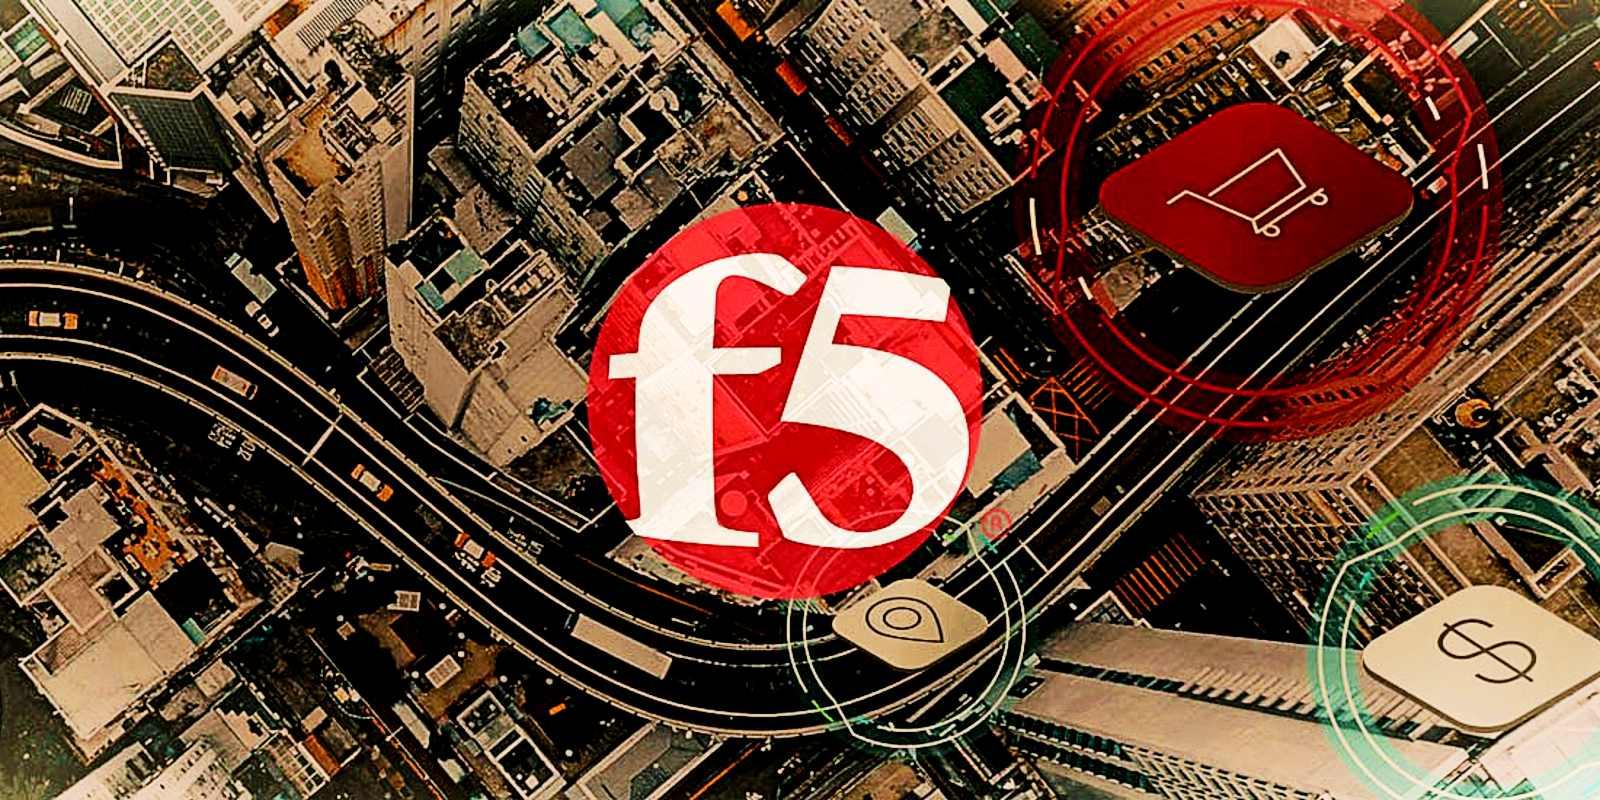 F5-1.jpg